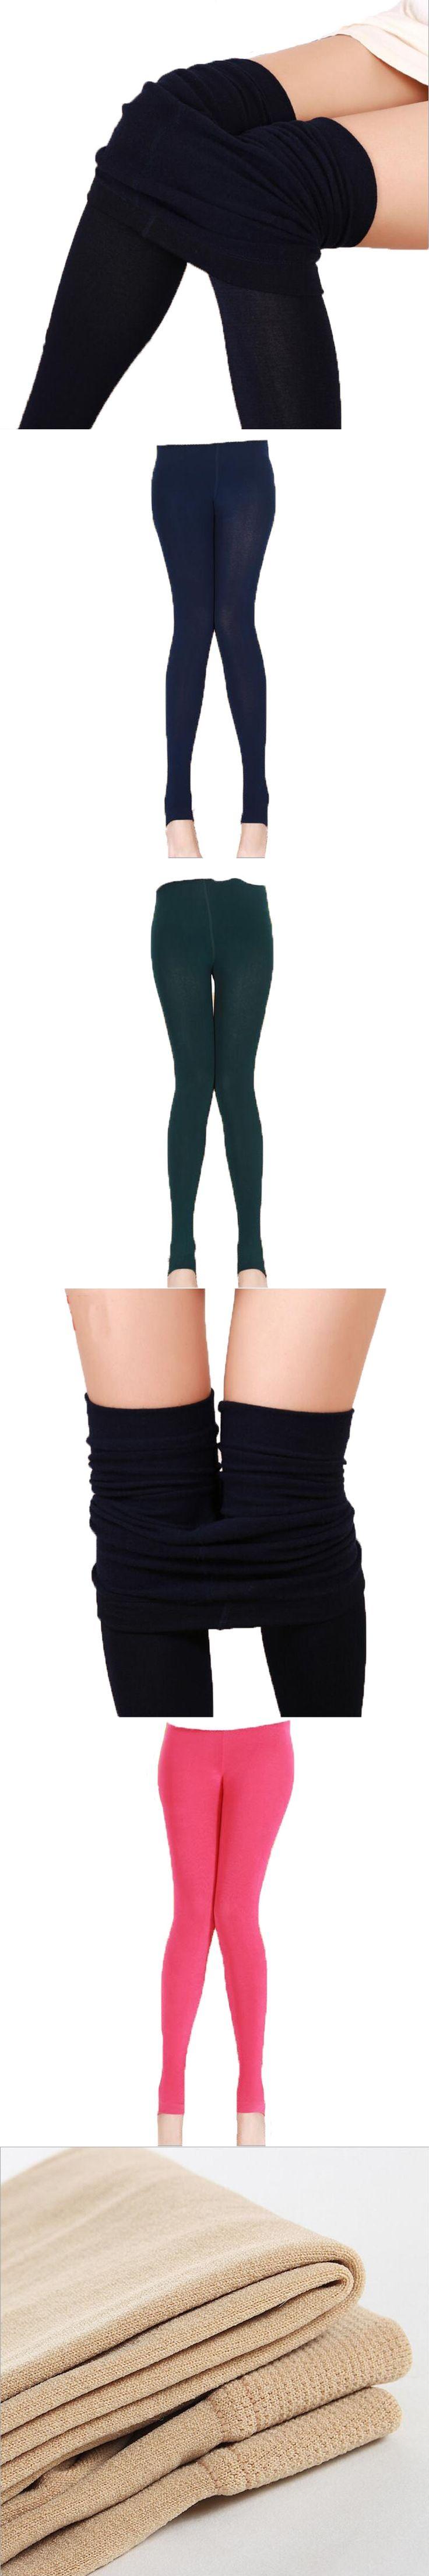 Winter 2017 Plus Velvet Thick Women Cotton Long pants High Waist Solid leggings Elastic Skinny Knitted Ankle Length Full Legging